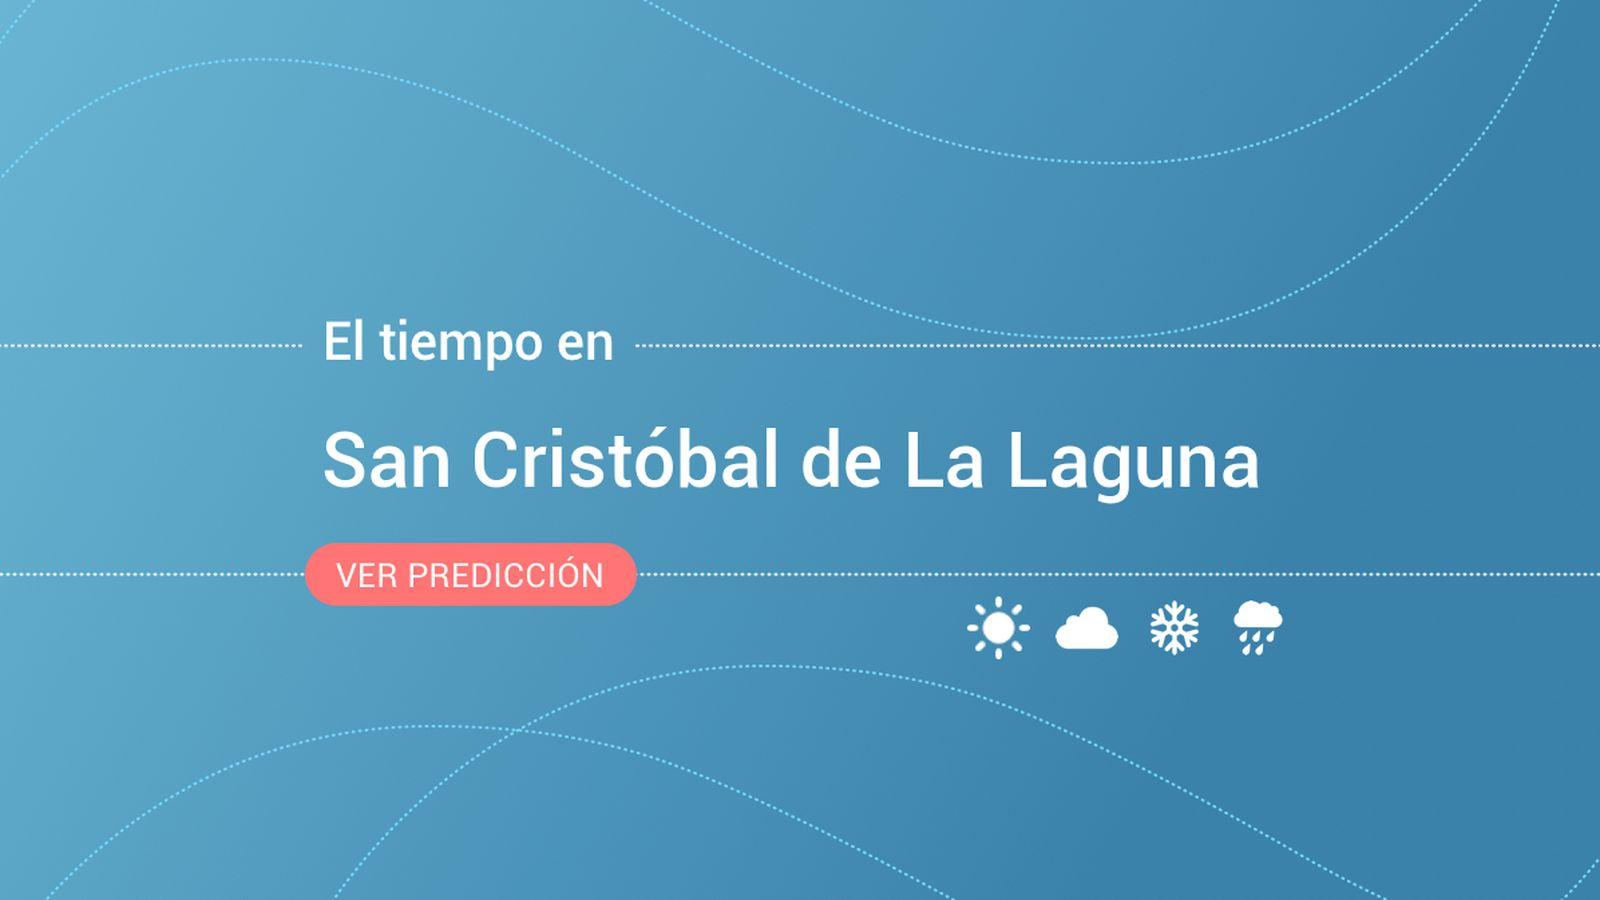 Foto: El tiempo en San Cristóbal de La Laguna. (EC)